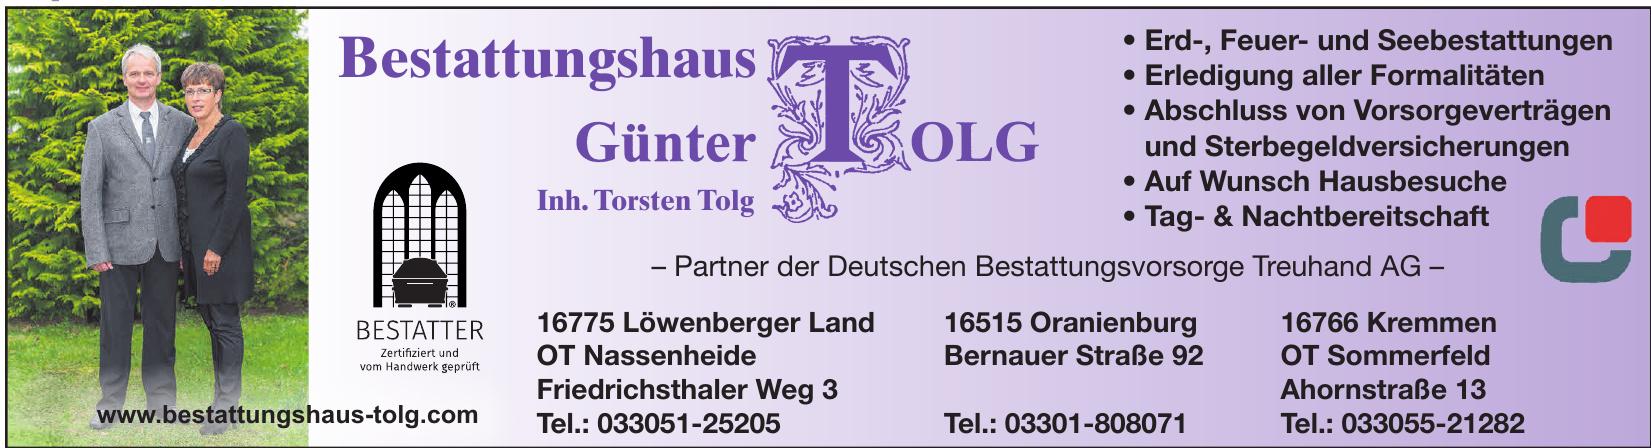 Bestattungshaus Günter Tolg